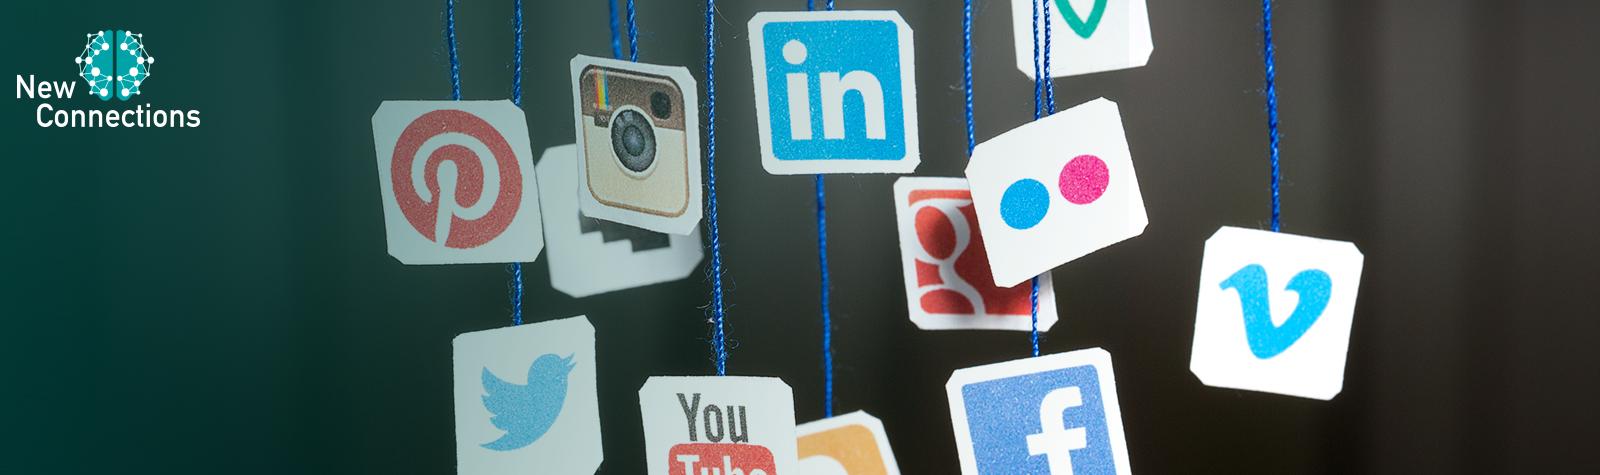 Redes sociais: Como usá-las para me comunicar com minha paciente?